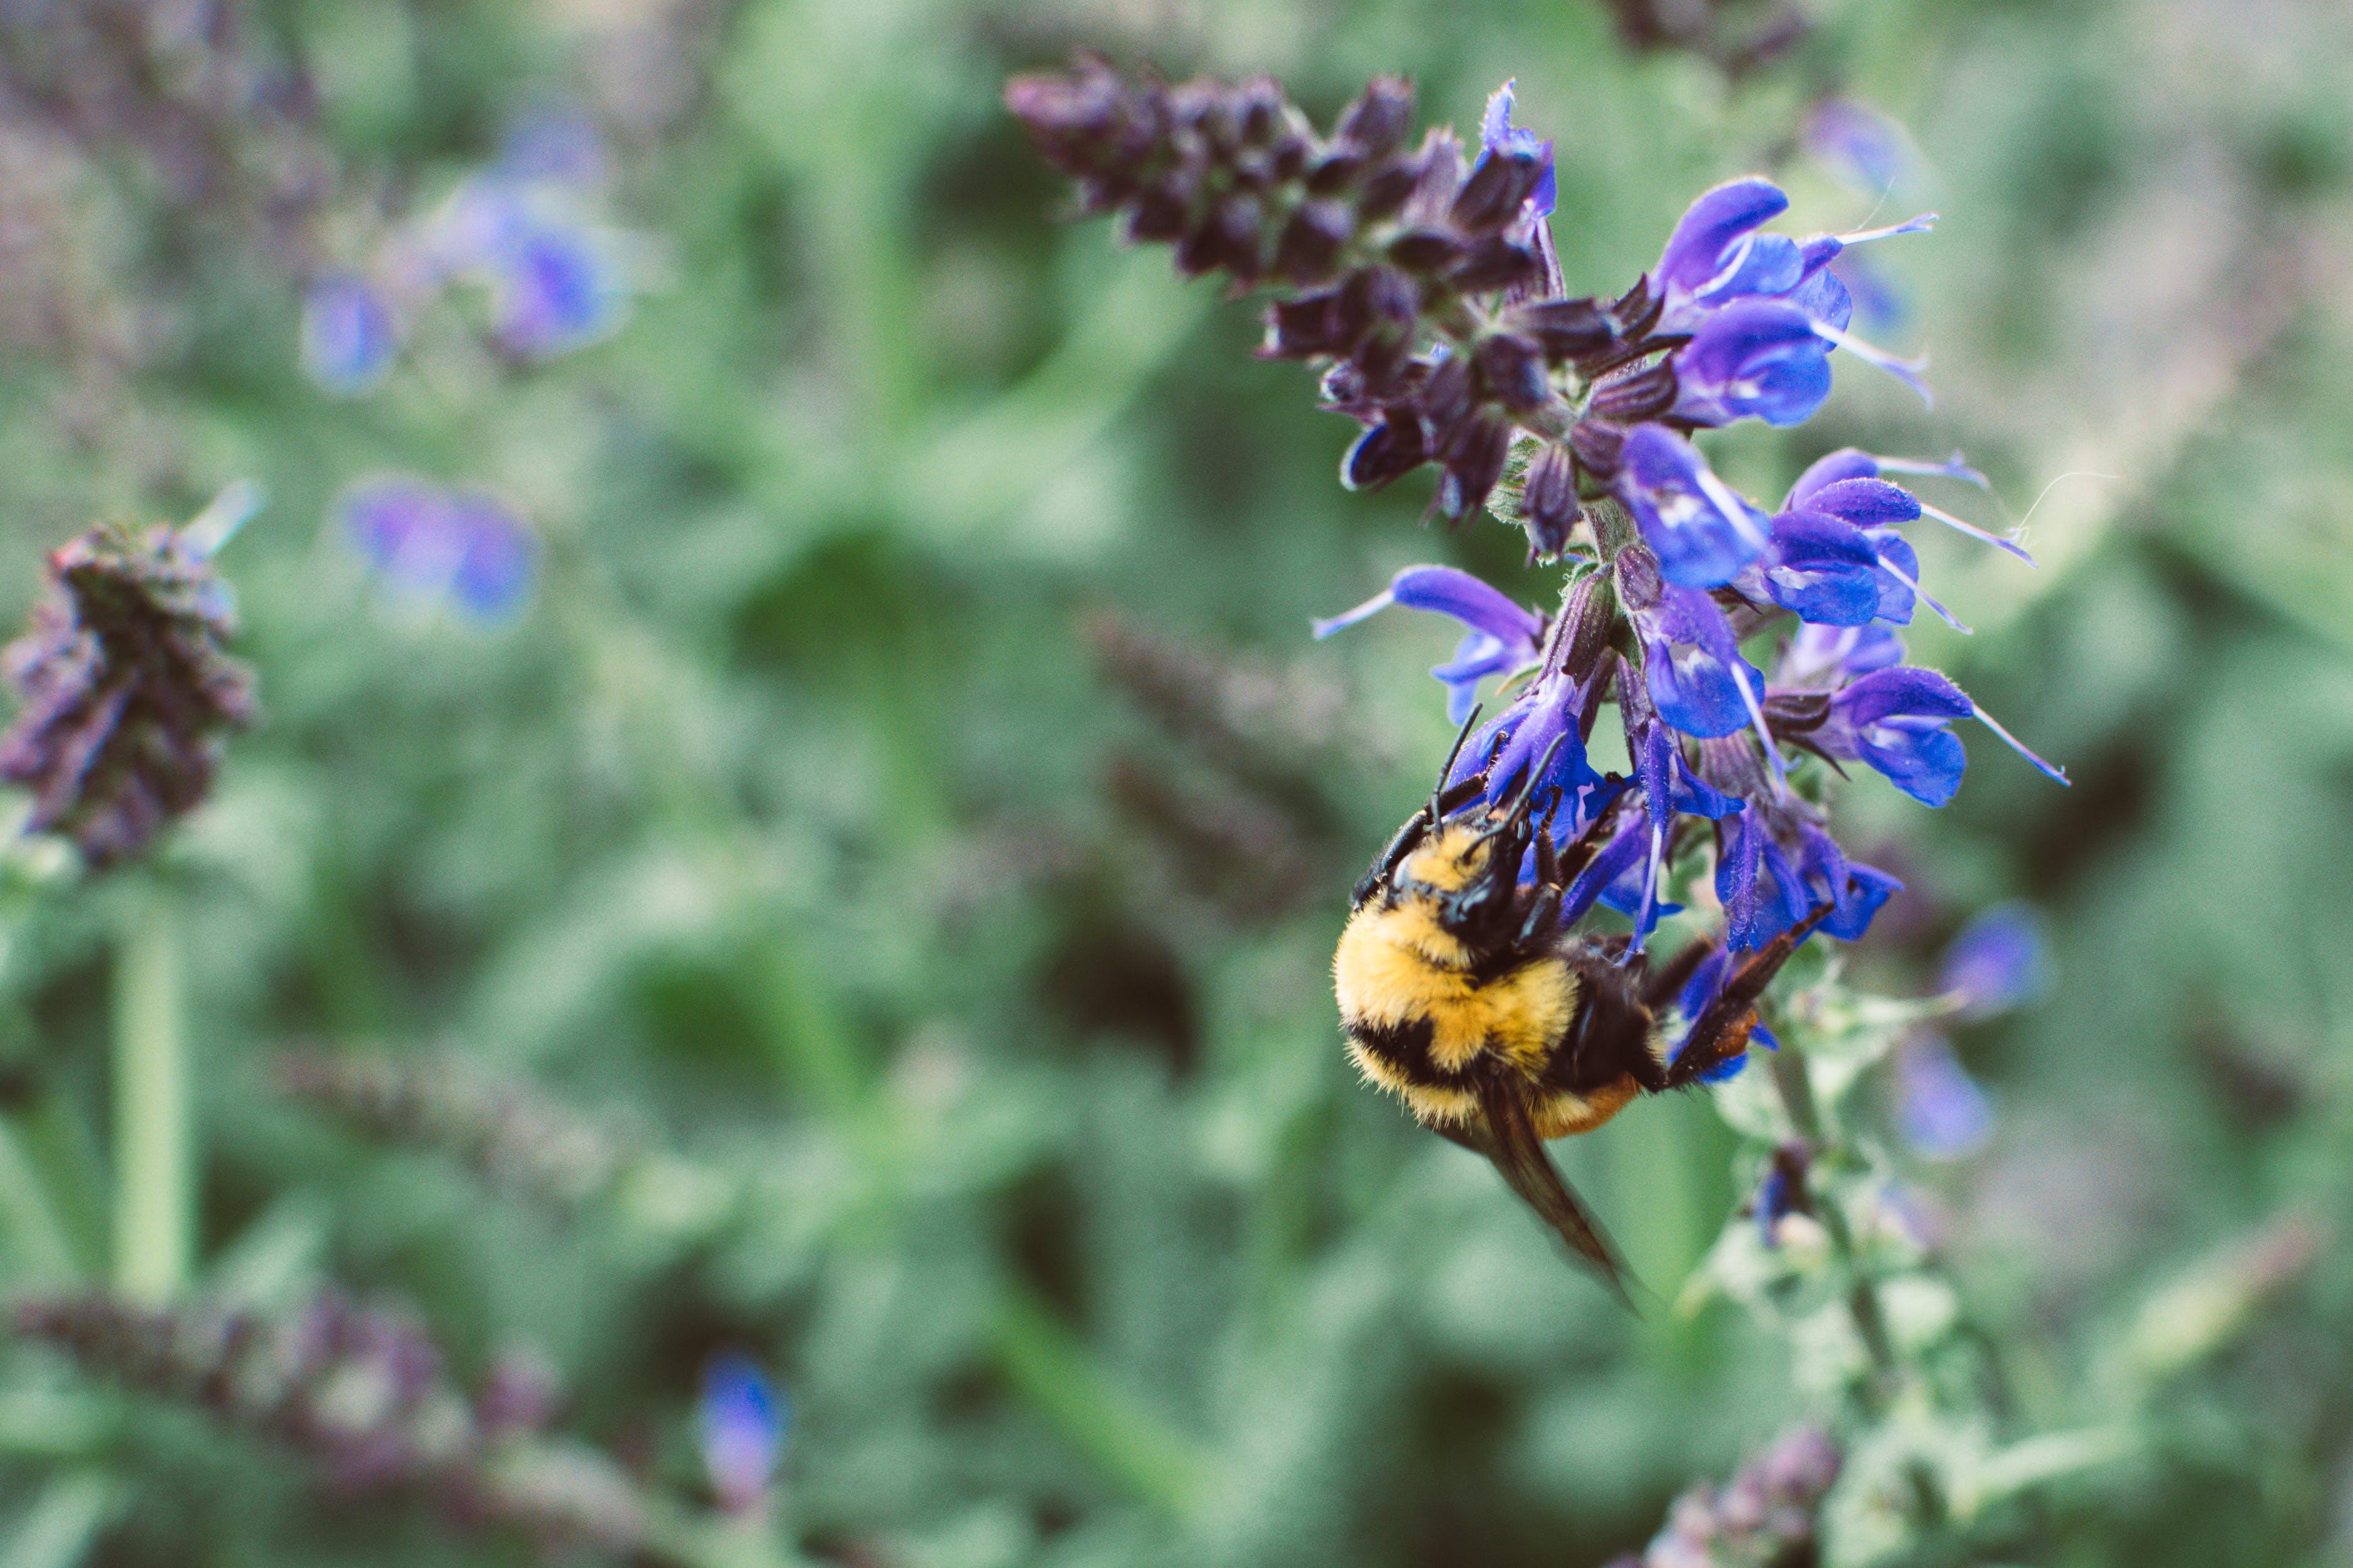 Gratis lagerfoto af bestøvning, bi, blomst, flora